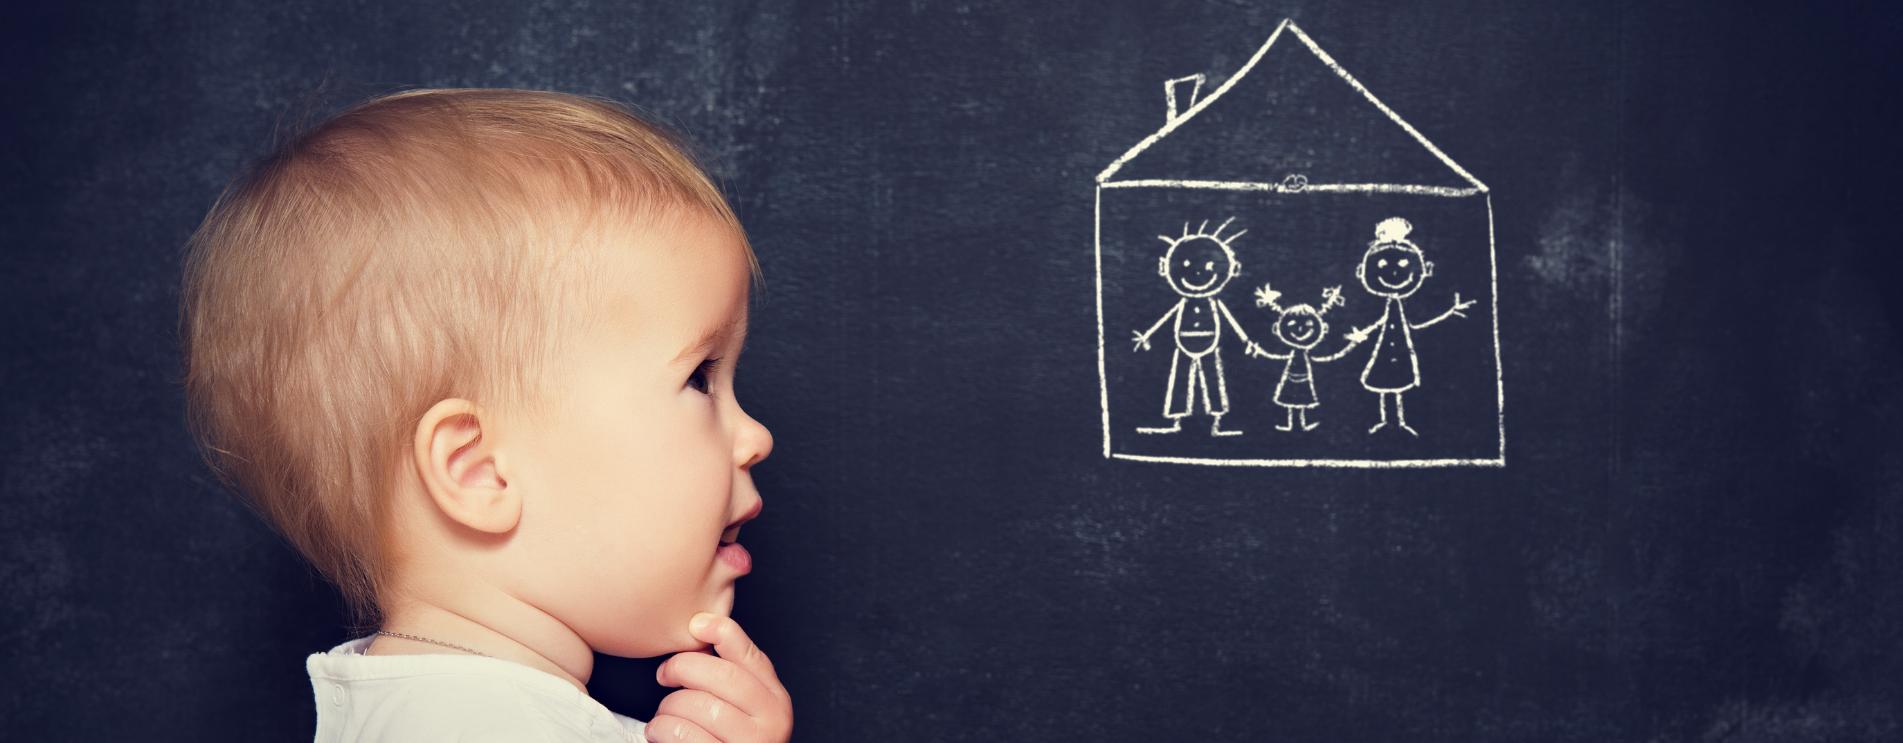 Nachdenkendes Kind gemaltes Haus